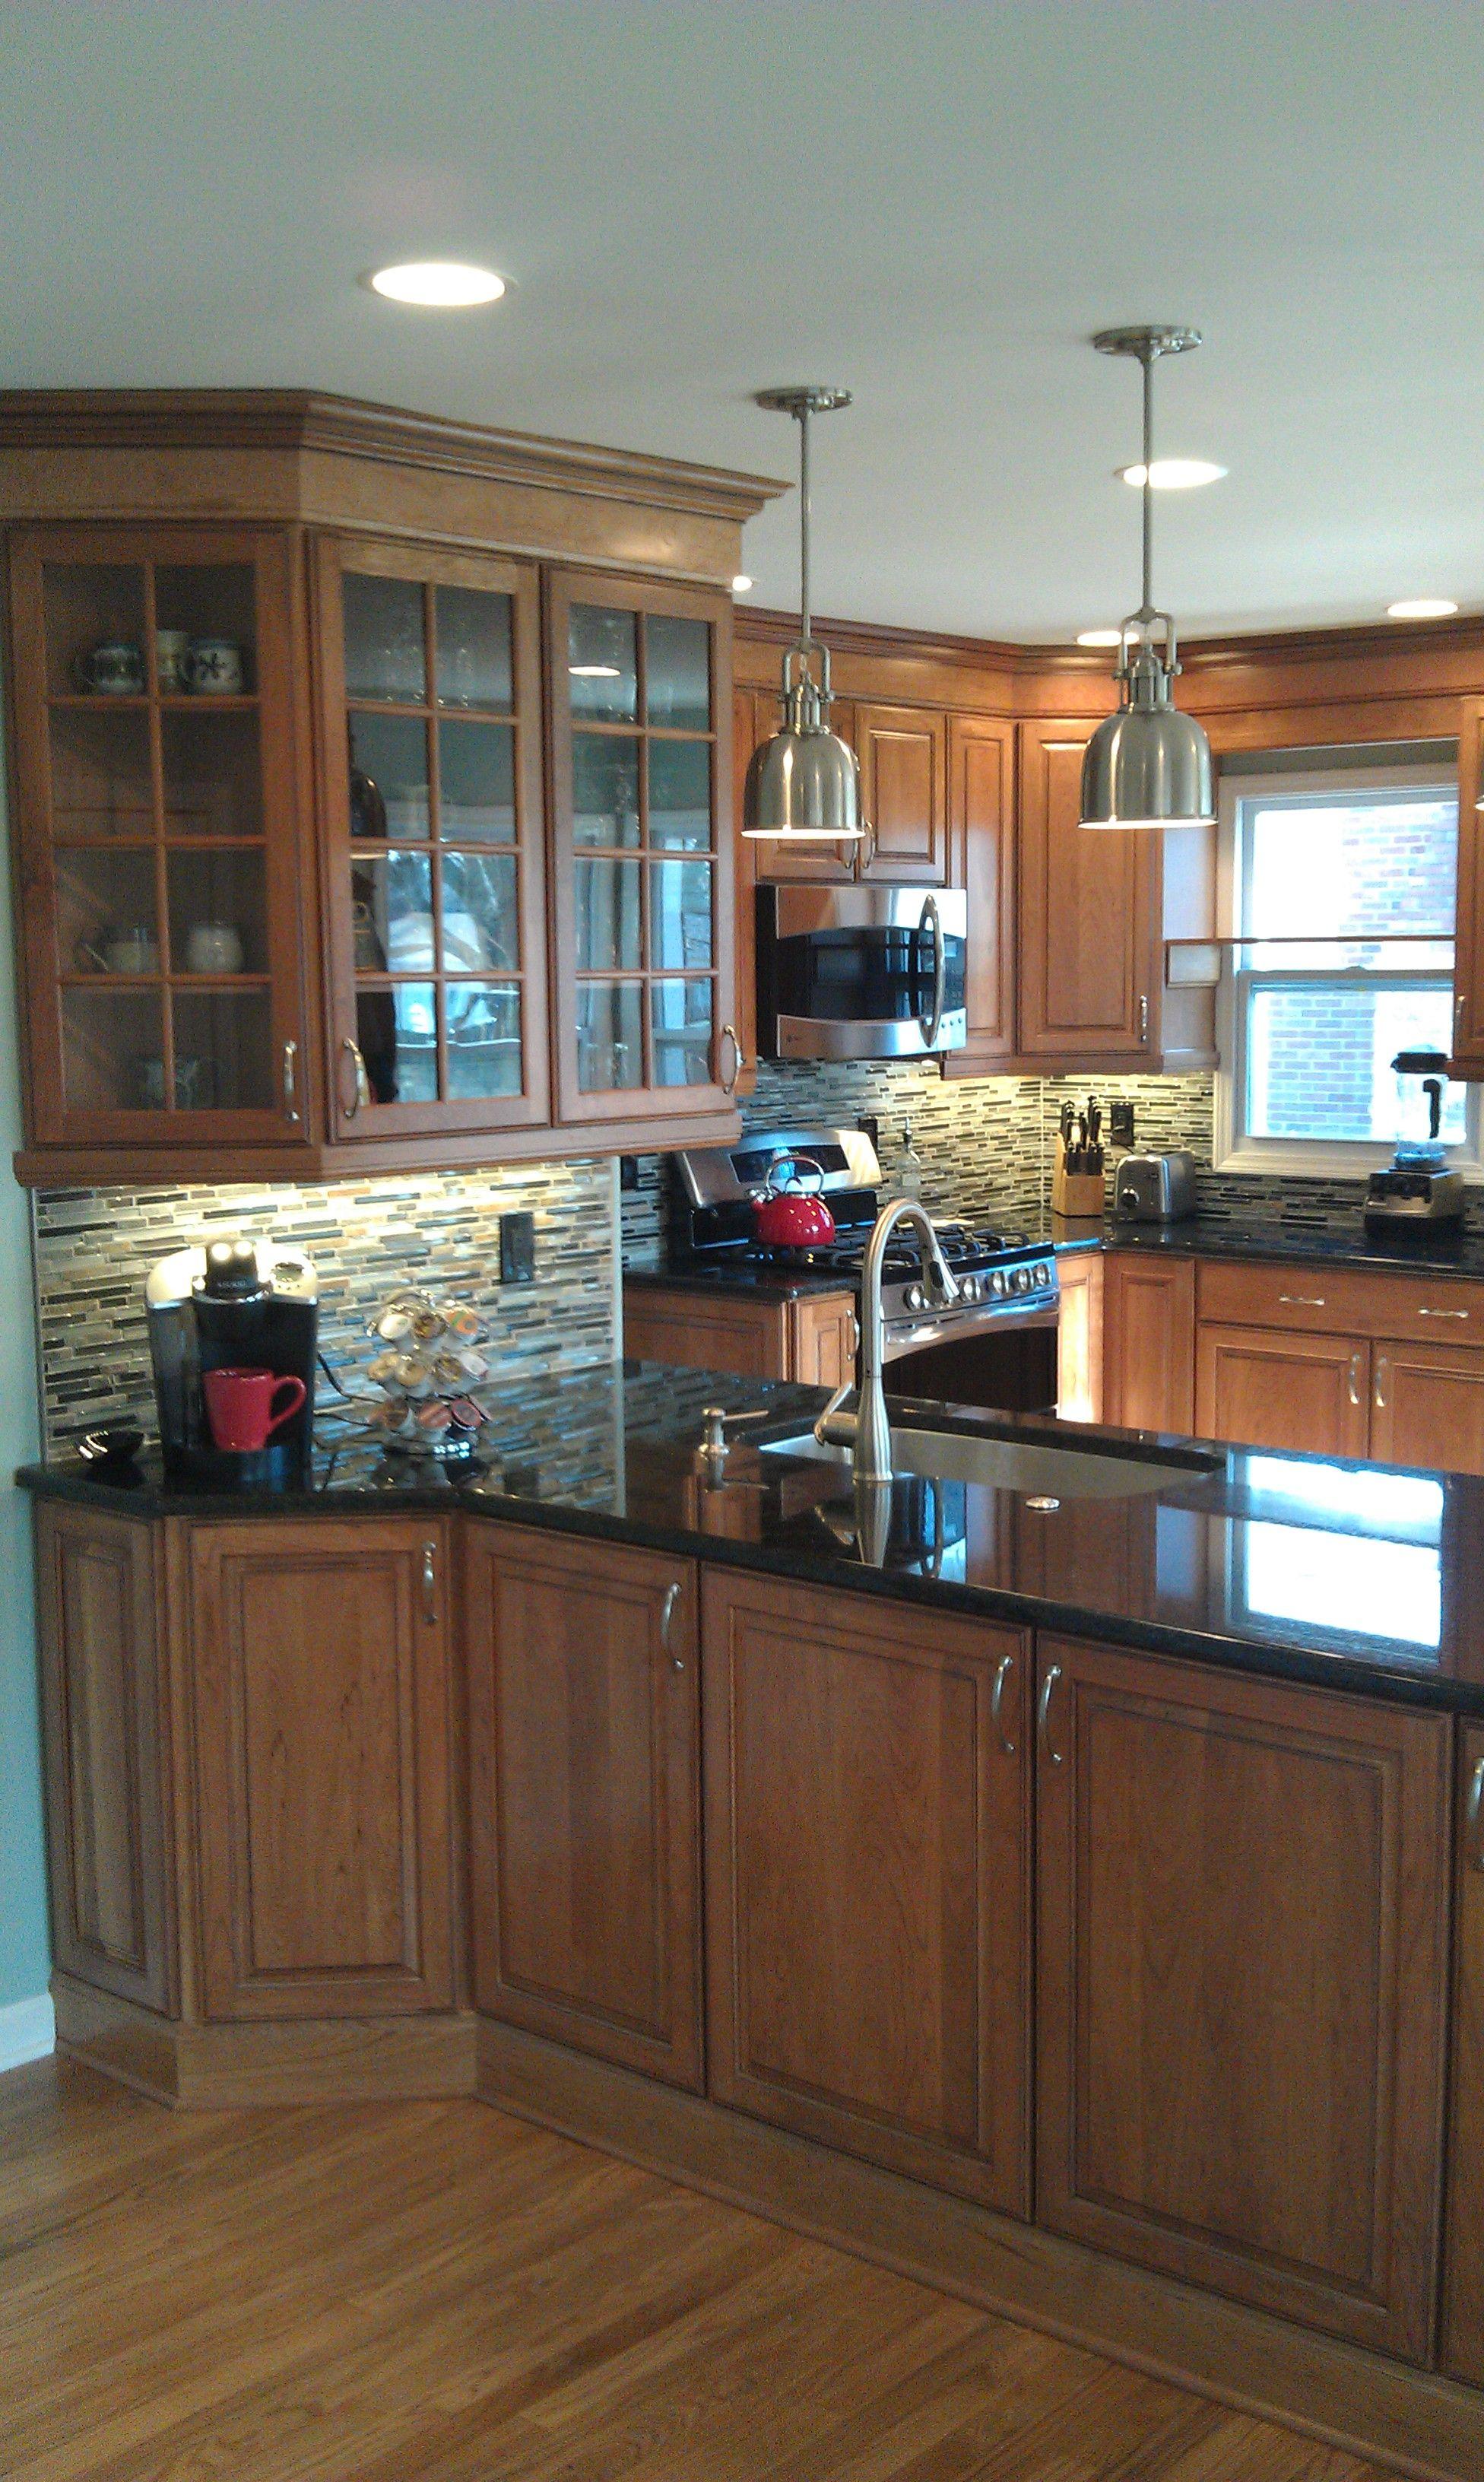 Jennifer Wilson Kitchen And Bathroom Designer Birmingham Mi Home Kitchens Kitchen Remodel Kitchen Contest